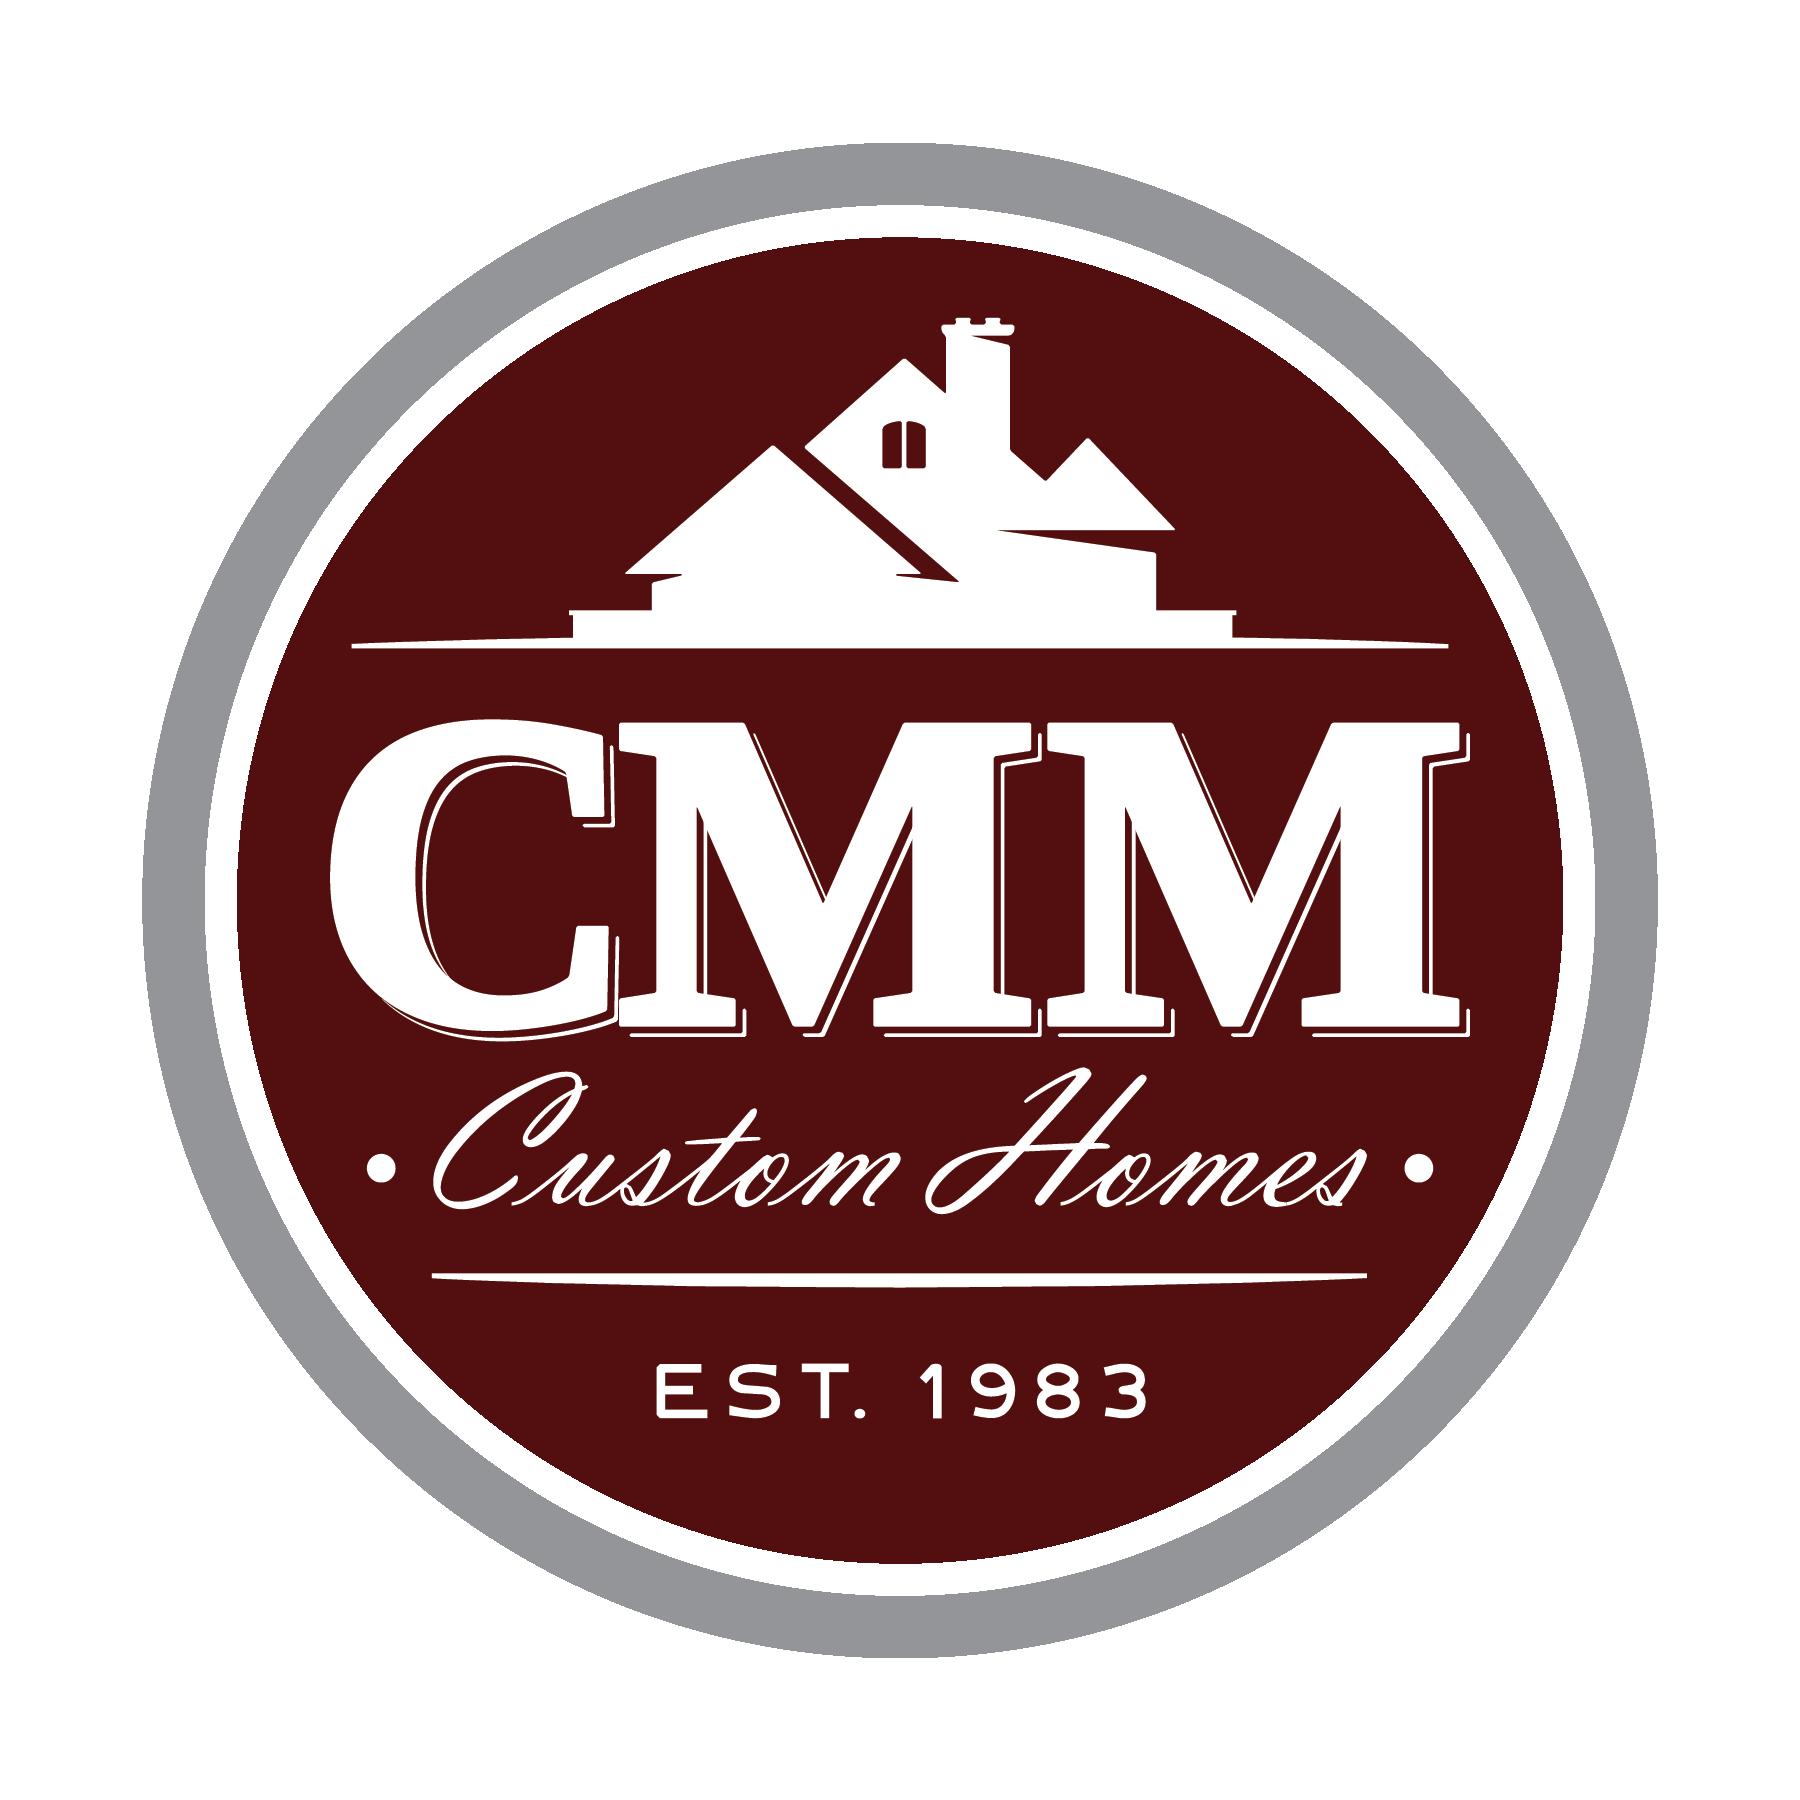 CMM-LOGO-2C-2017-Revised-VF-01 copy.png